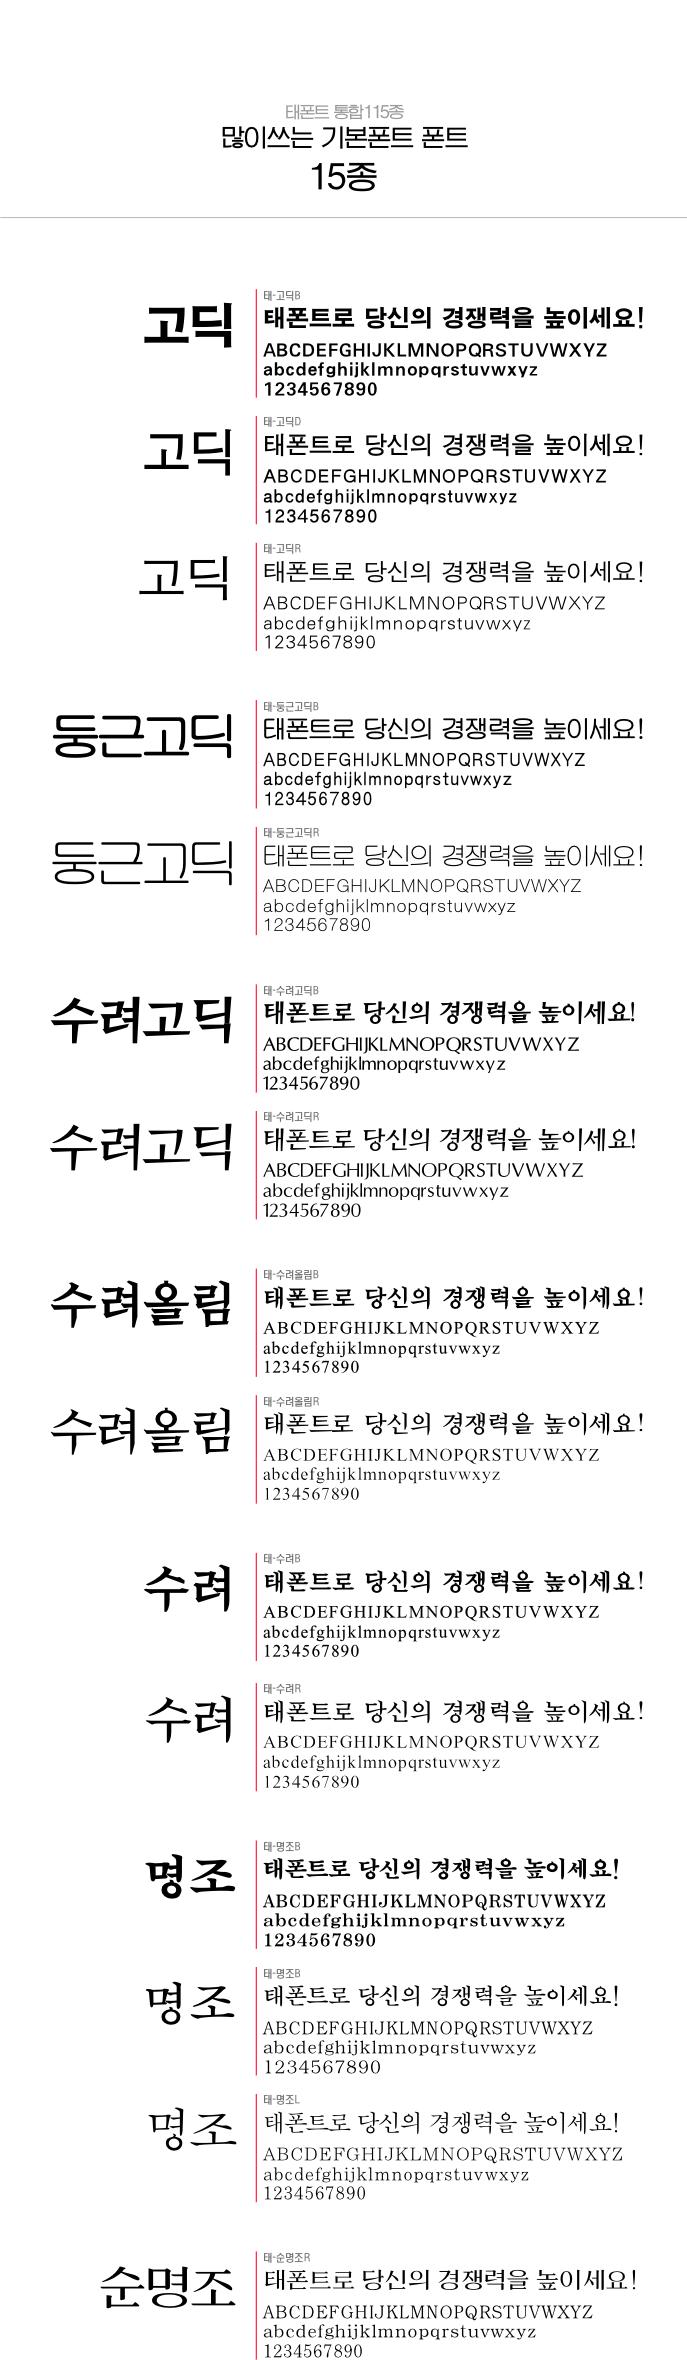 대한민국 대표폰트 태시스템 태폰트